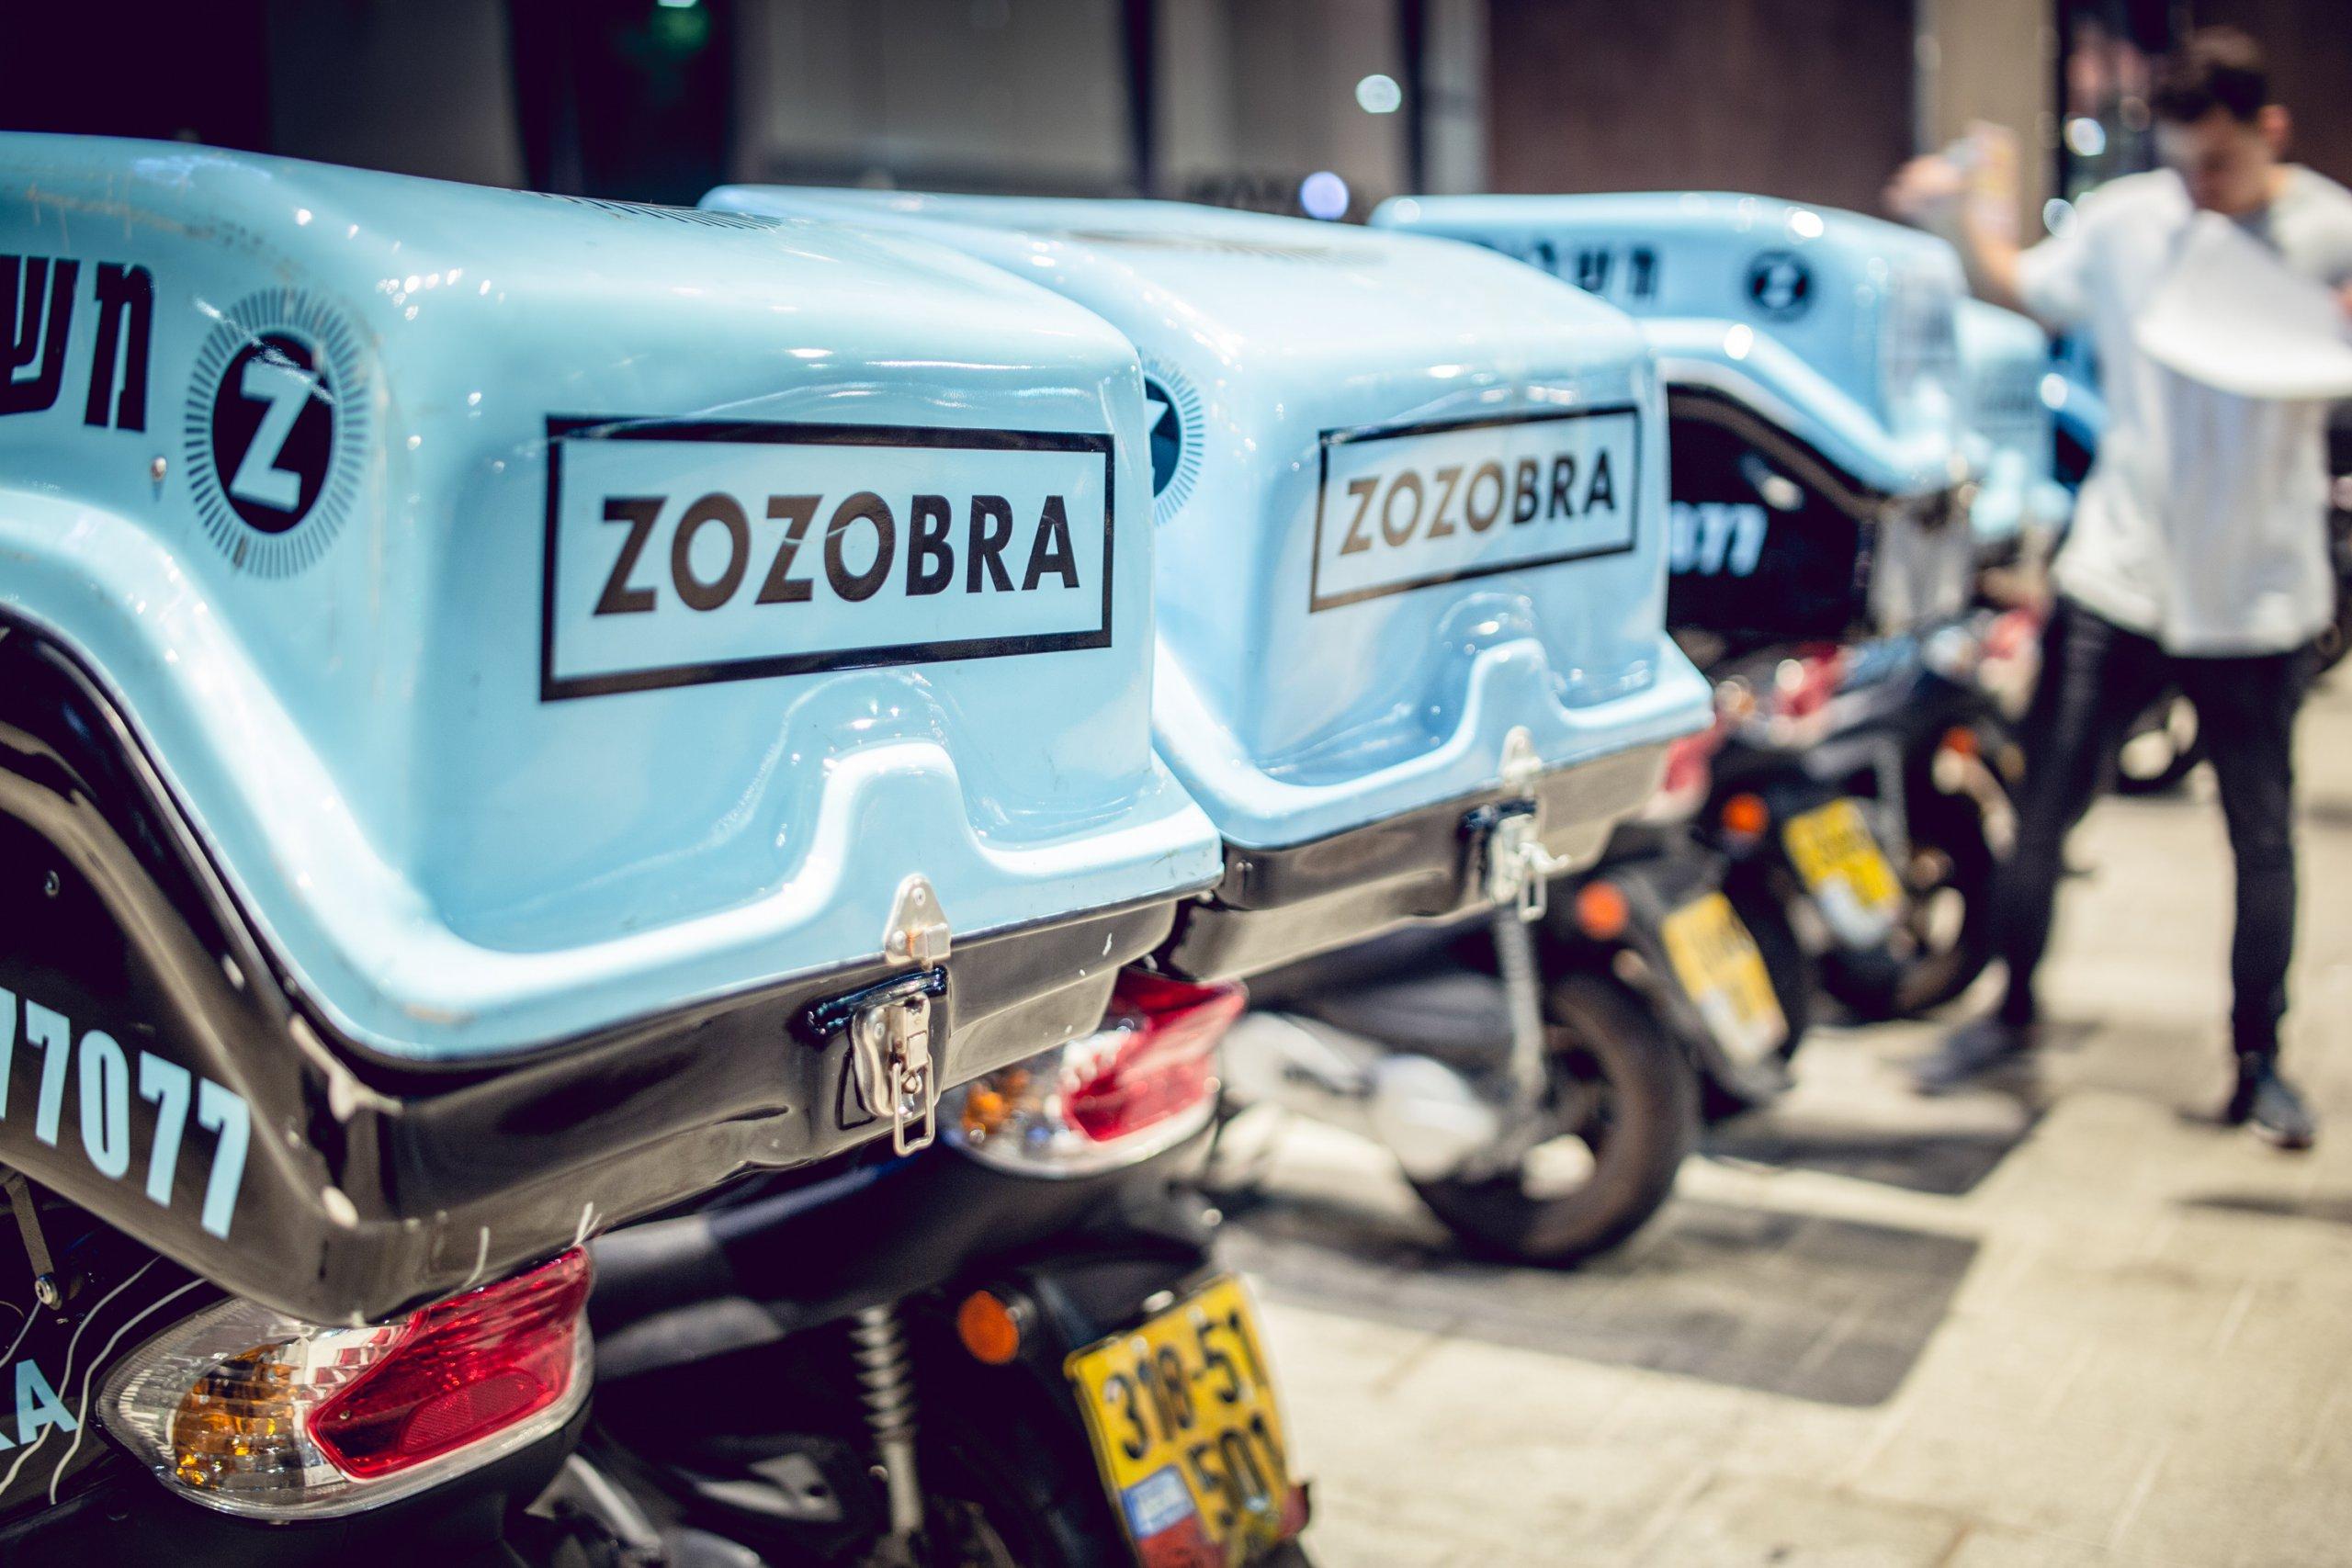 ZOZOBRA-00622